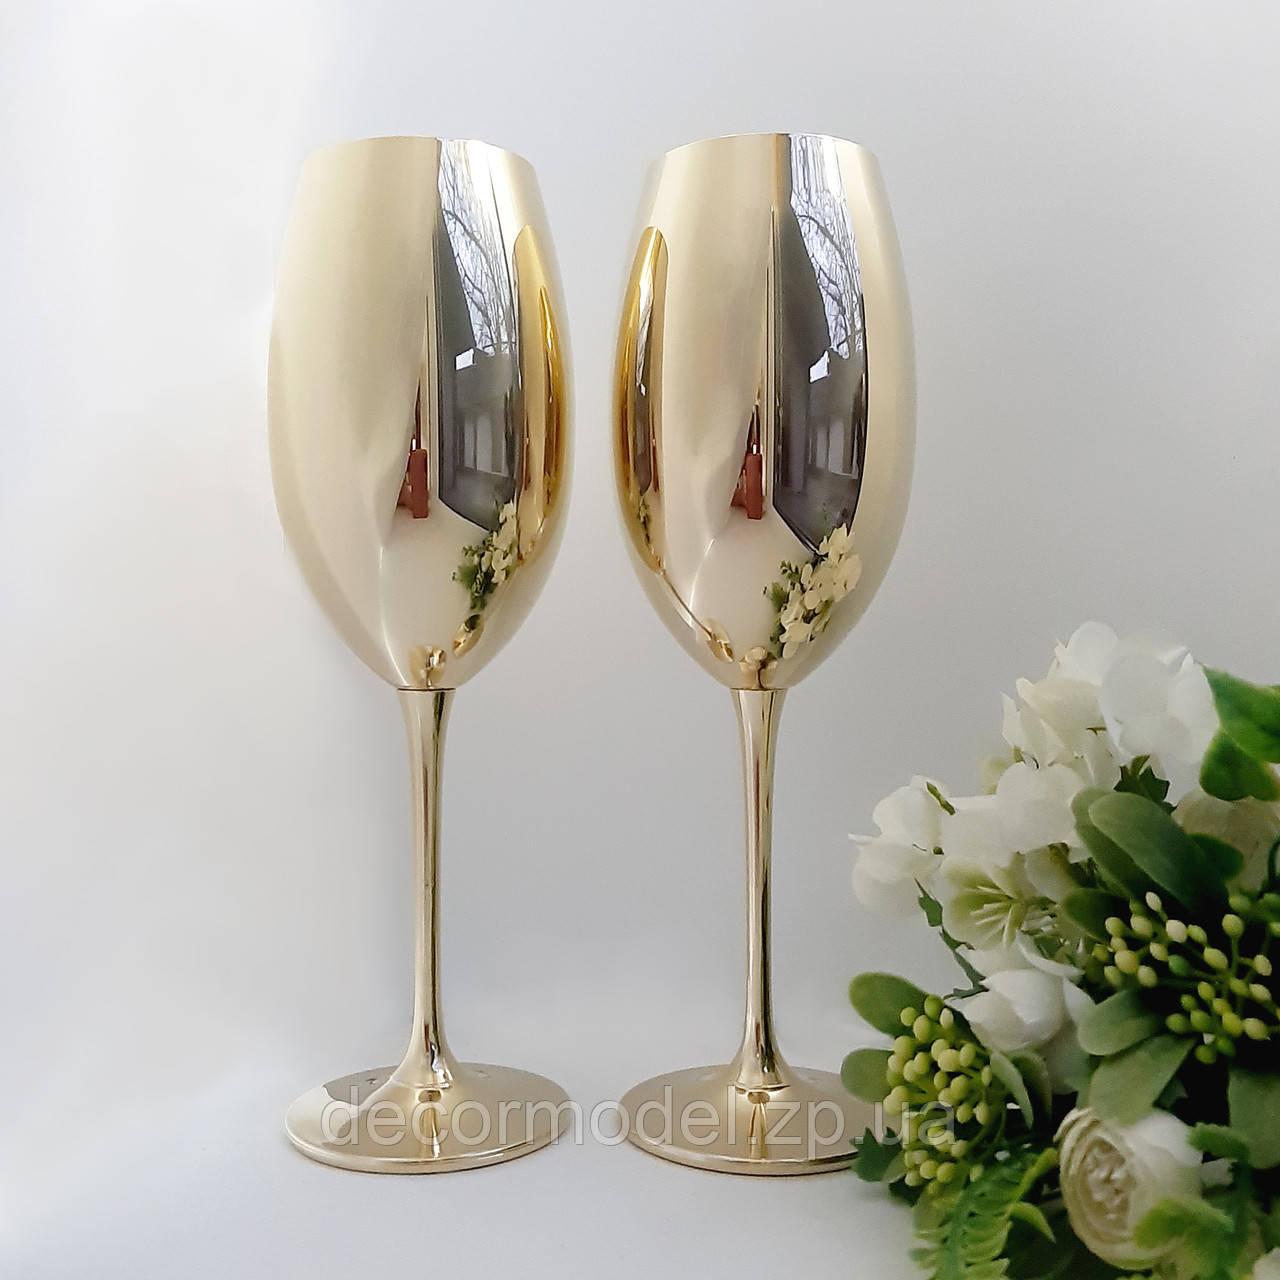 Набор бокалов для вина Bohemia Fulica 400 мл. золото